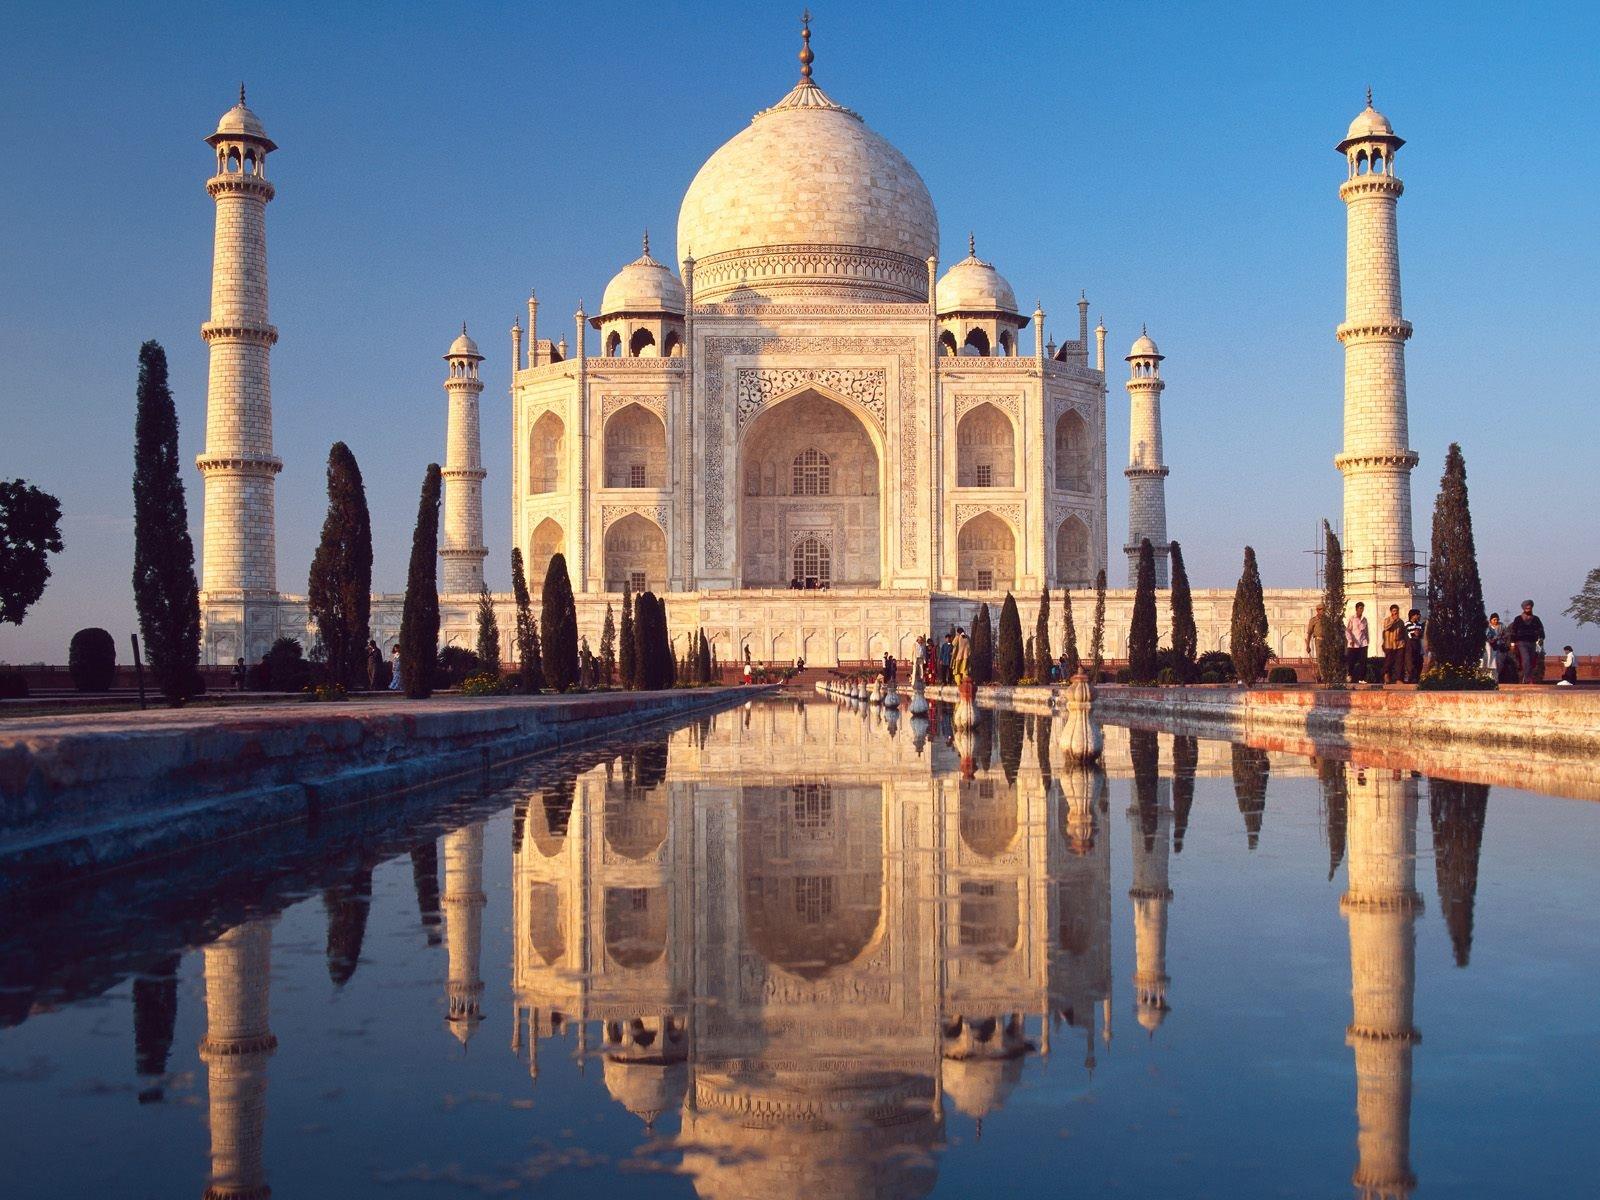 Taj mahal is a symbol of emperor's love